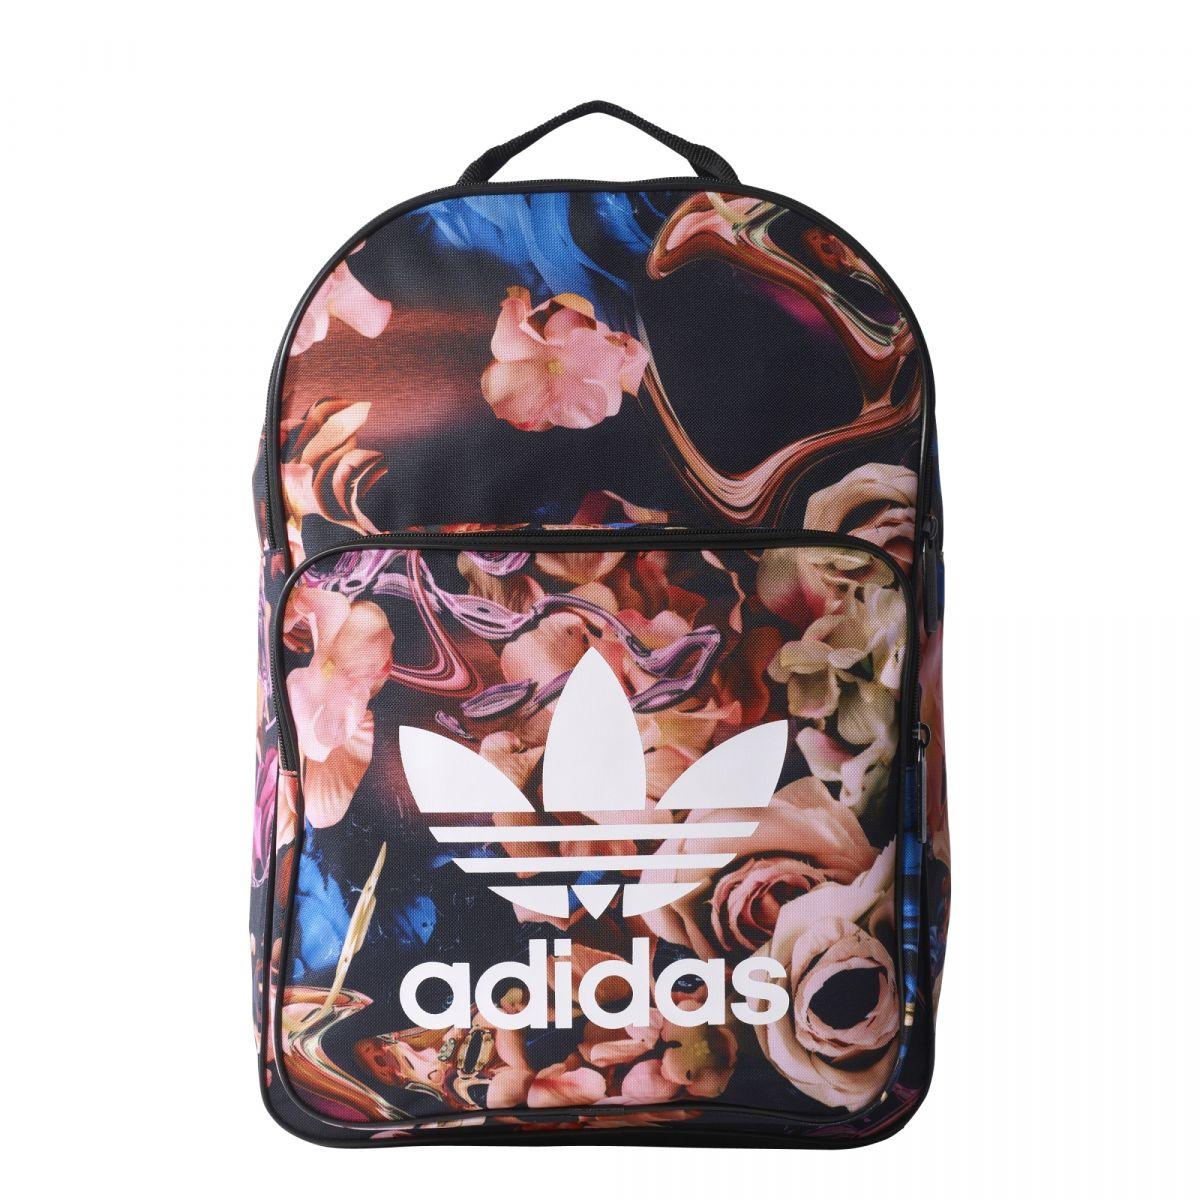 5338e3939f798 Plecak adidas szkolny KWIATY BR4906 r. 1size - 7140566029 ...